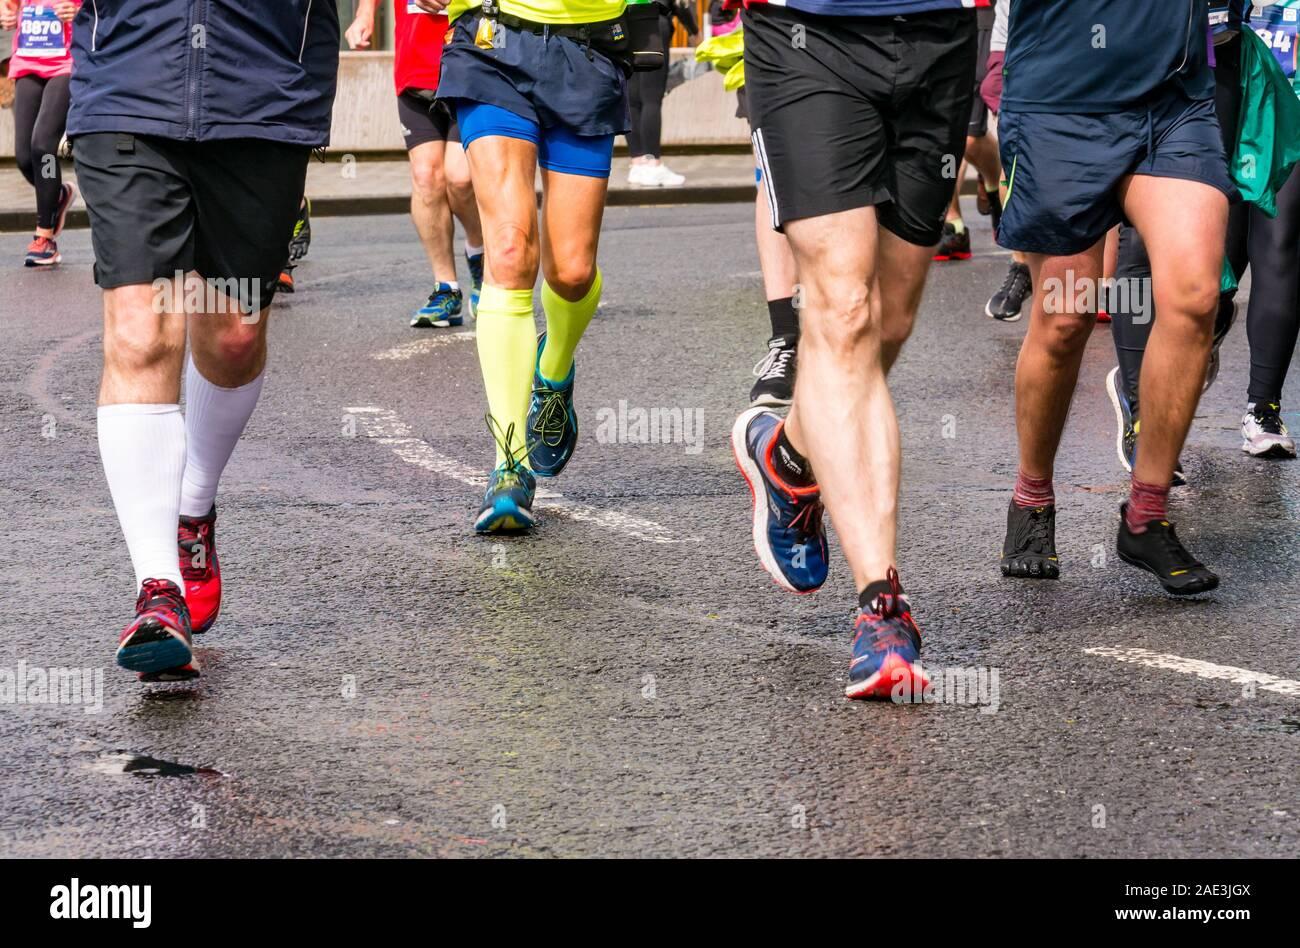 close-up-runners-legs-feet-running-shoes